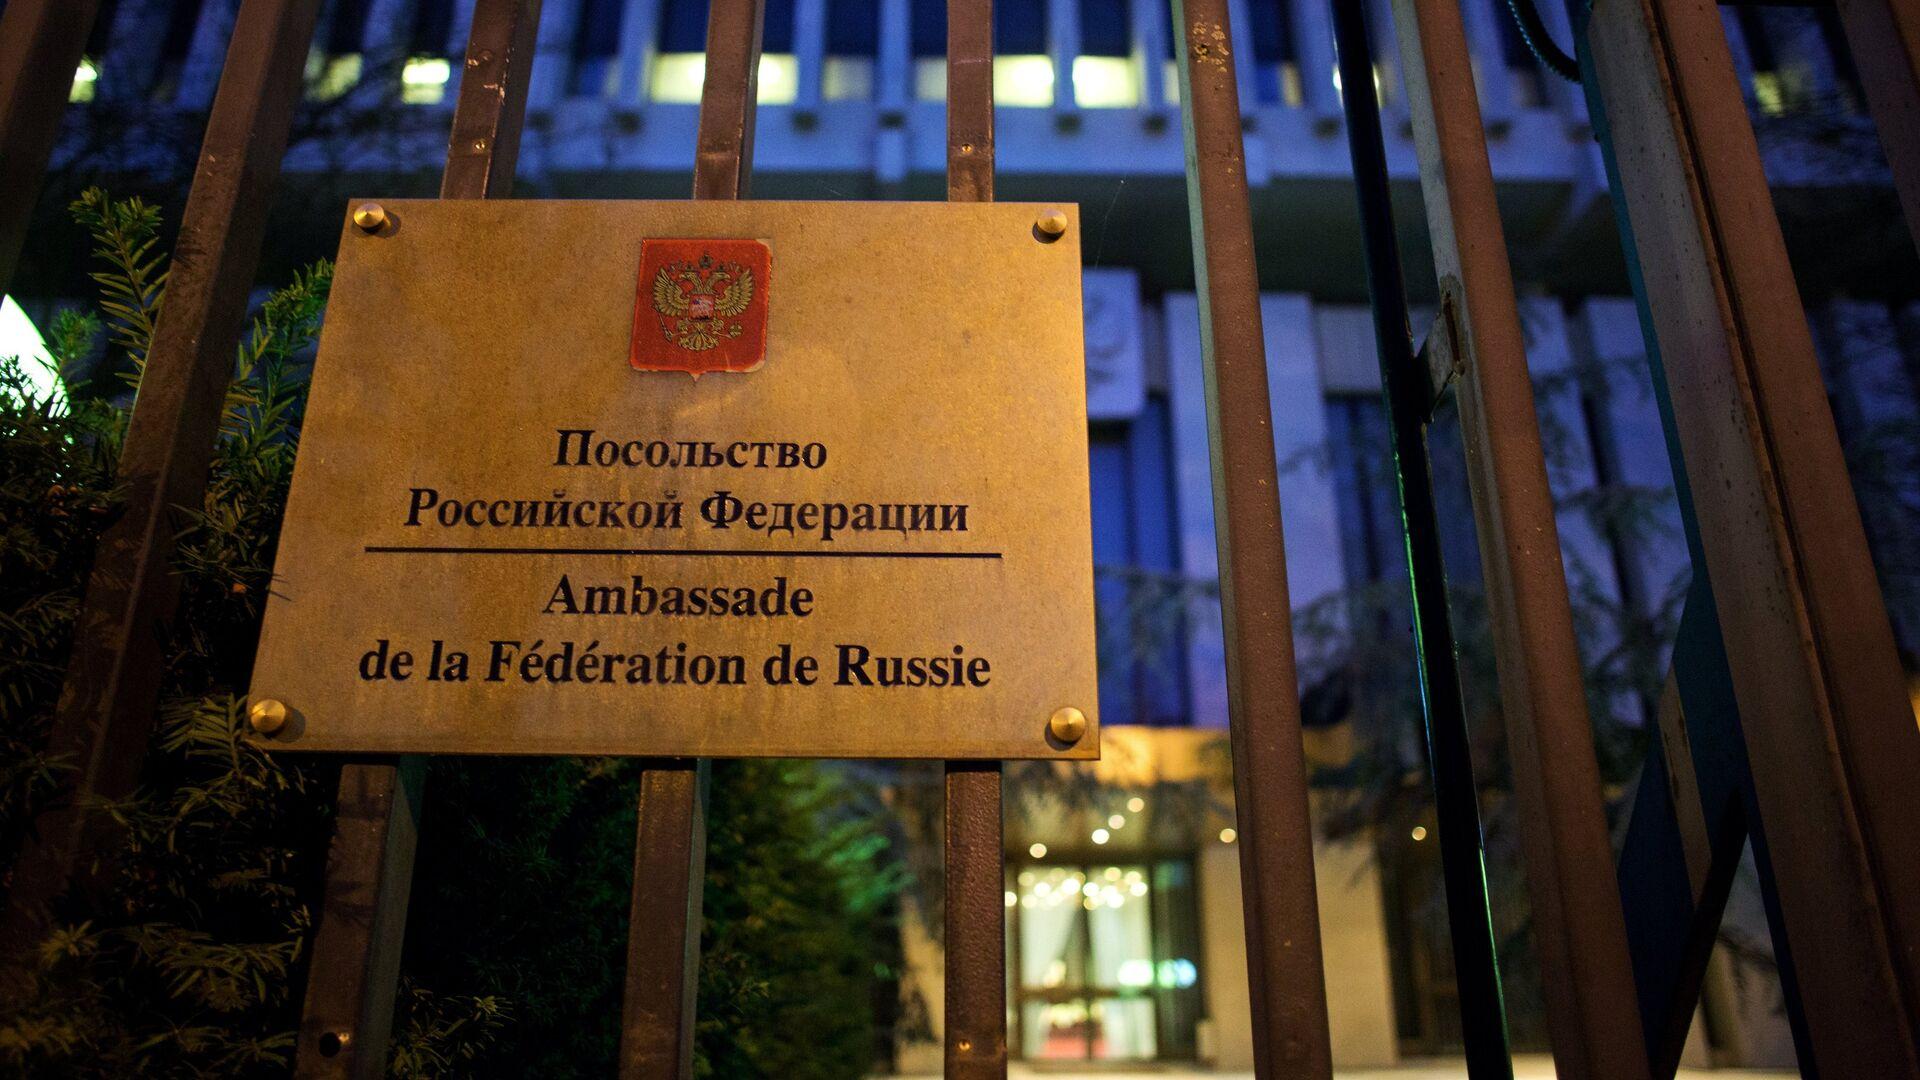 Signo de la Embajada de Rusia en París, Francia - Sputnik Mundo, 1920, 05.10.2021